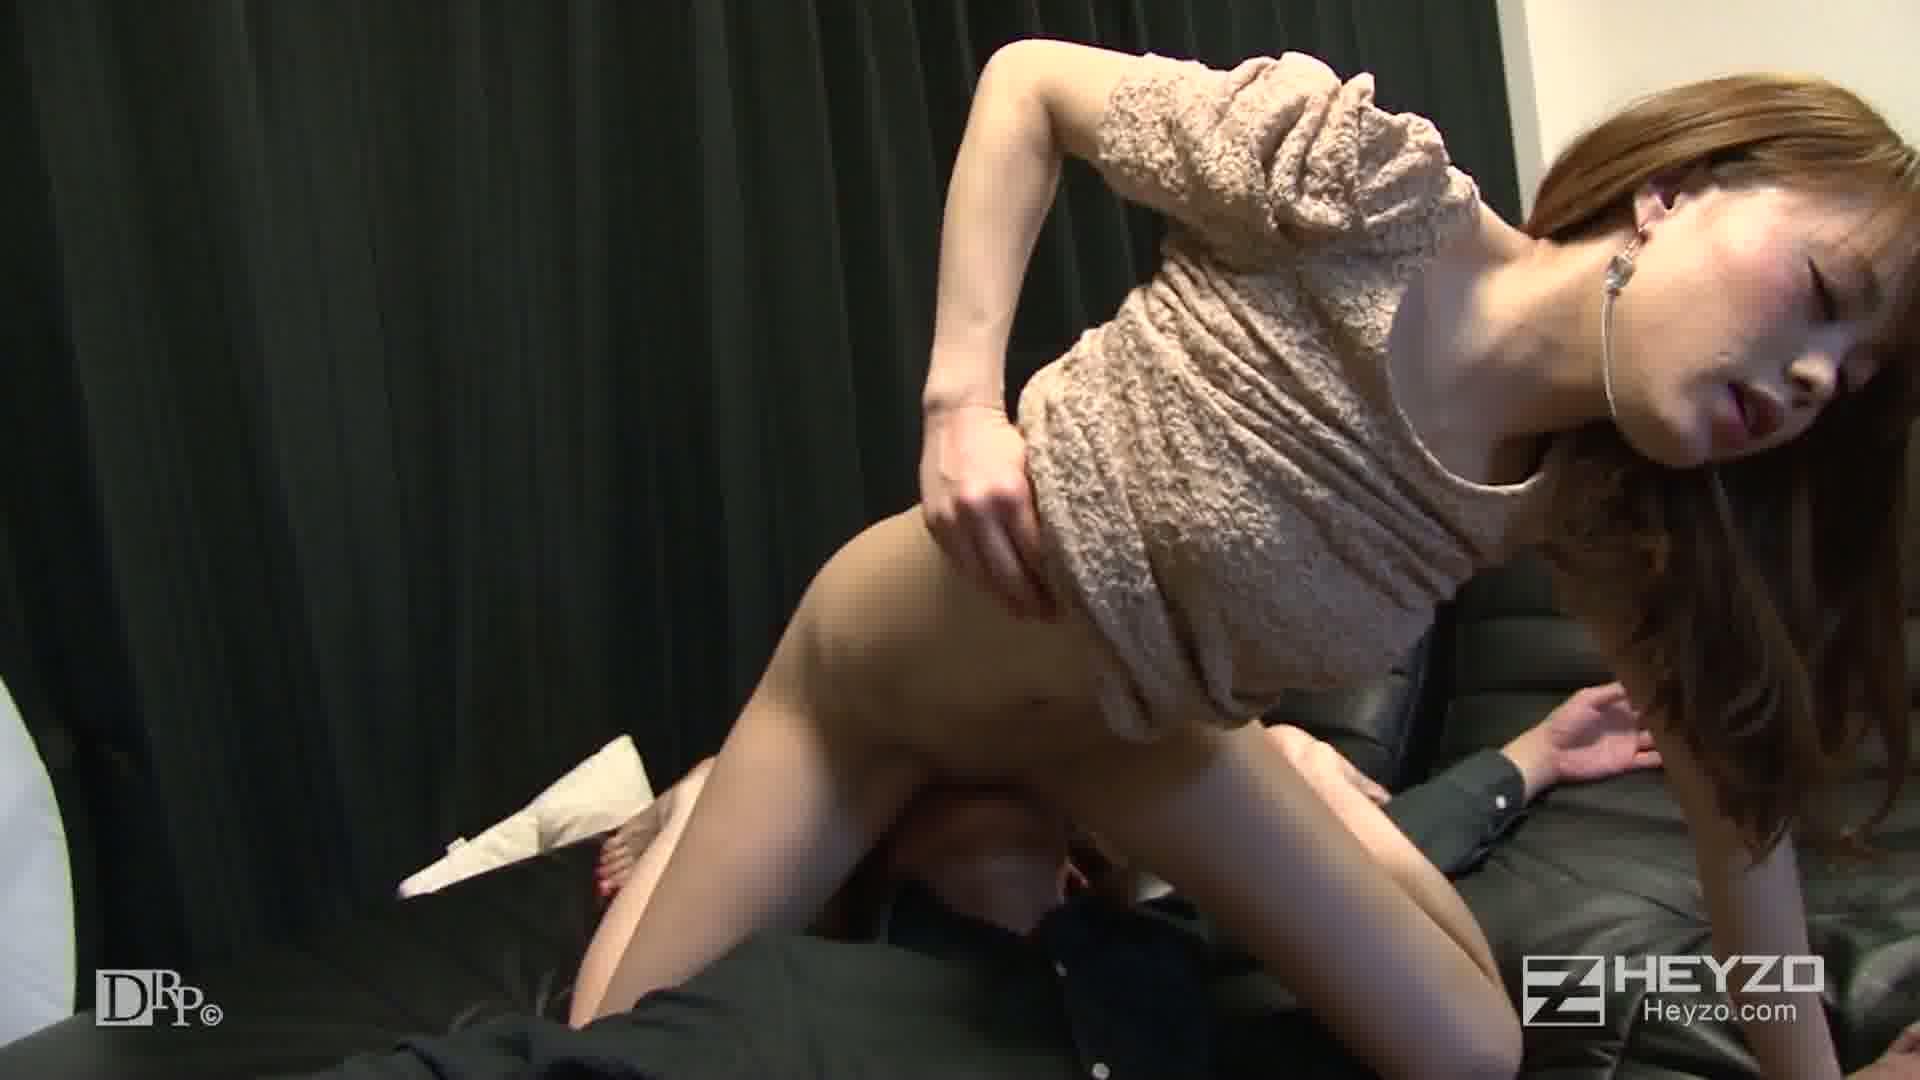 若妻麗香の肉食セックス~男を捕食する薔薇のタトゥー~ - 北原麗香【バイブ ローター フェラ 顔面騎乗】